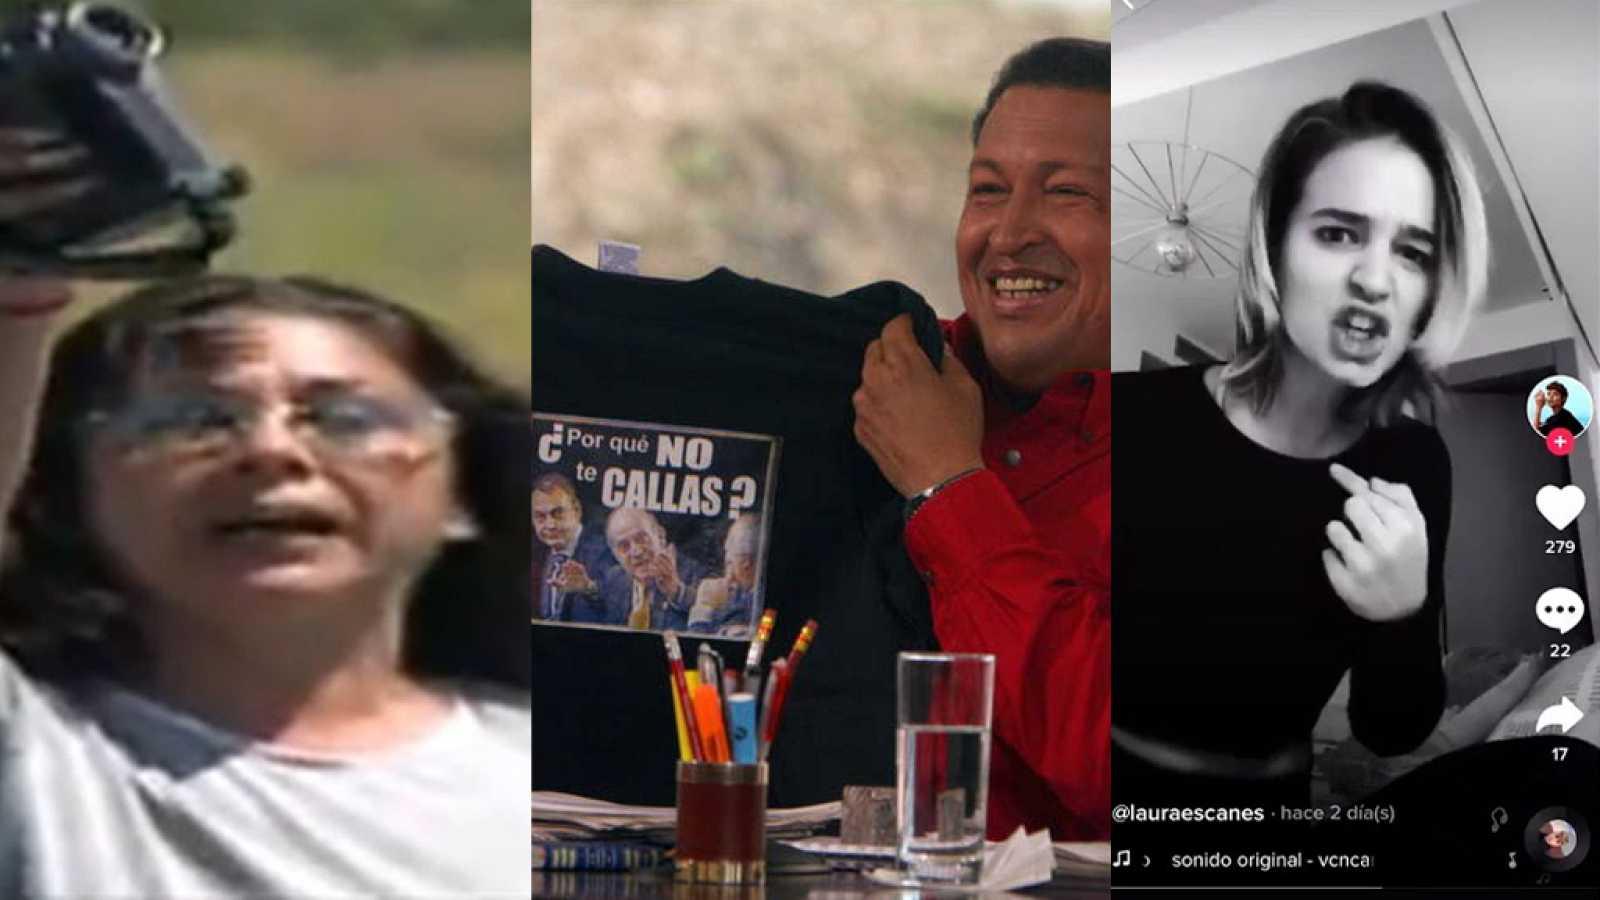 Isabel Pantoja, Hugo Chávez y Laura Escanes, algunos de los protagonistas del ránking